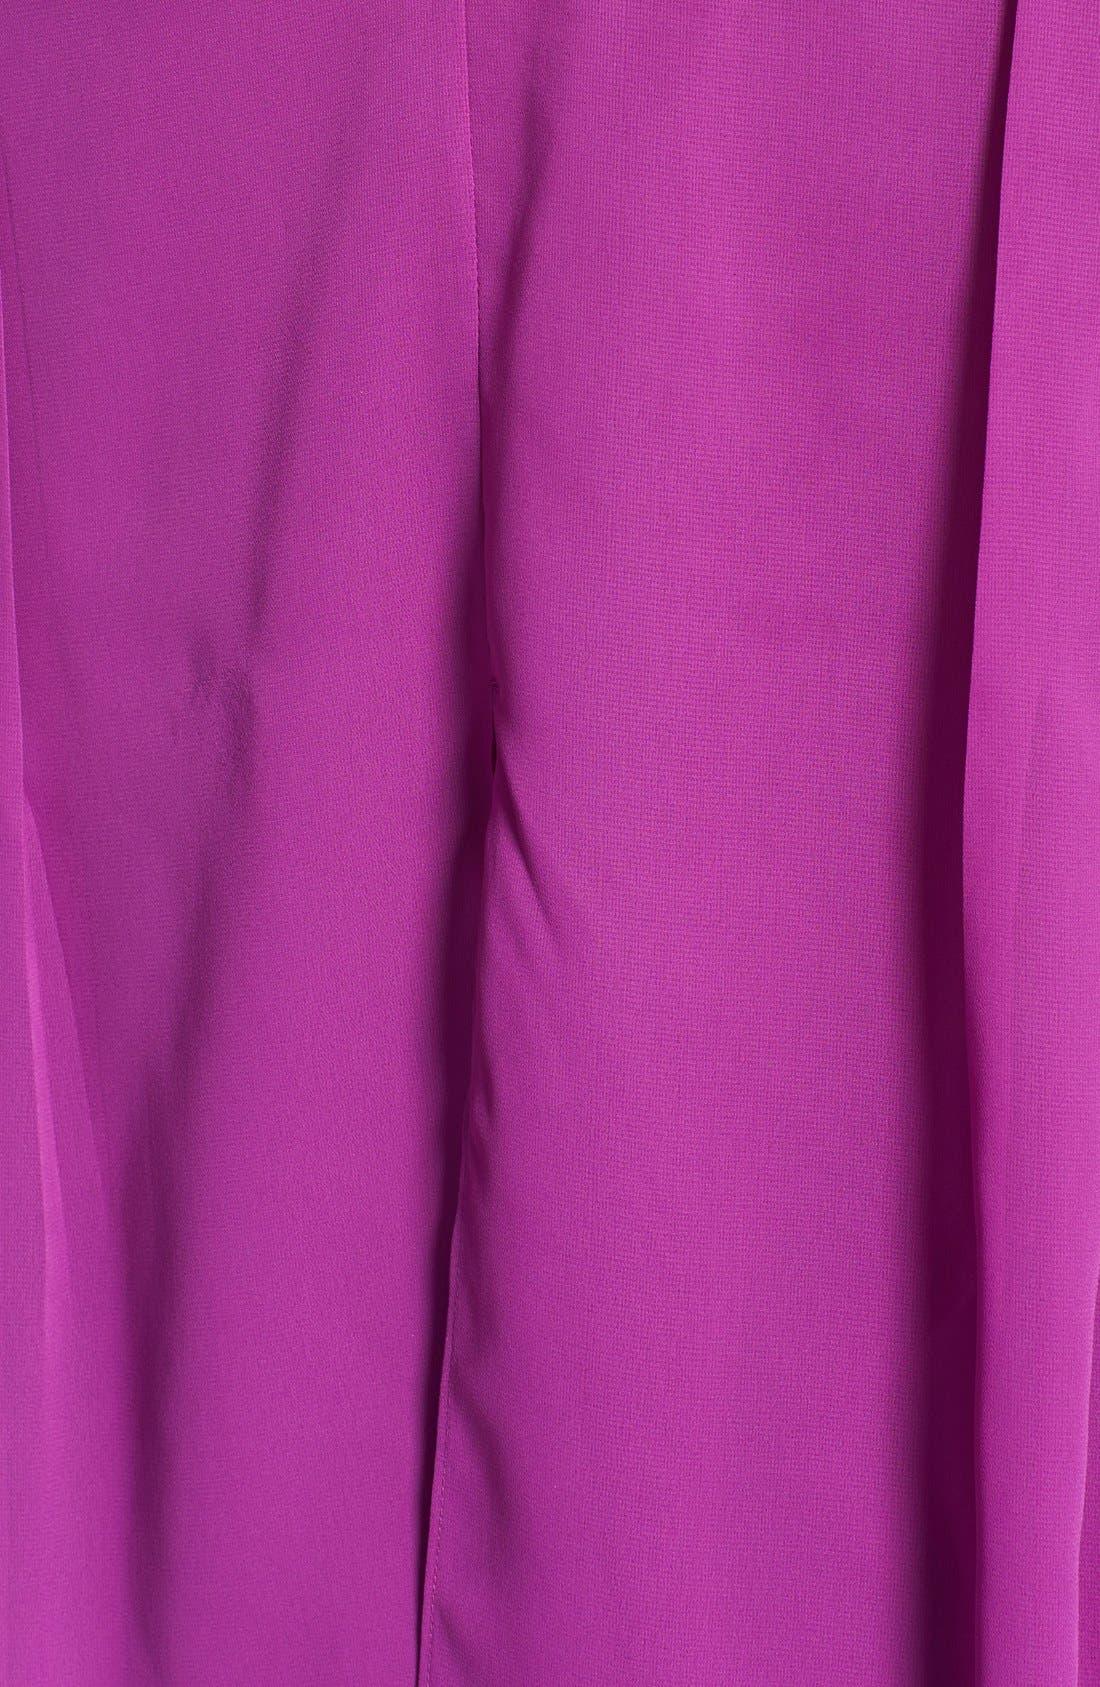 Alternate Image 3  - Kenneth Cole New York 'Madison' Sleeveless Blouse